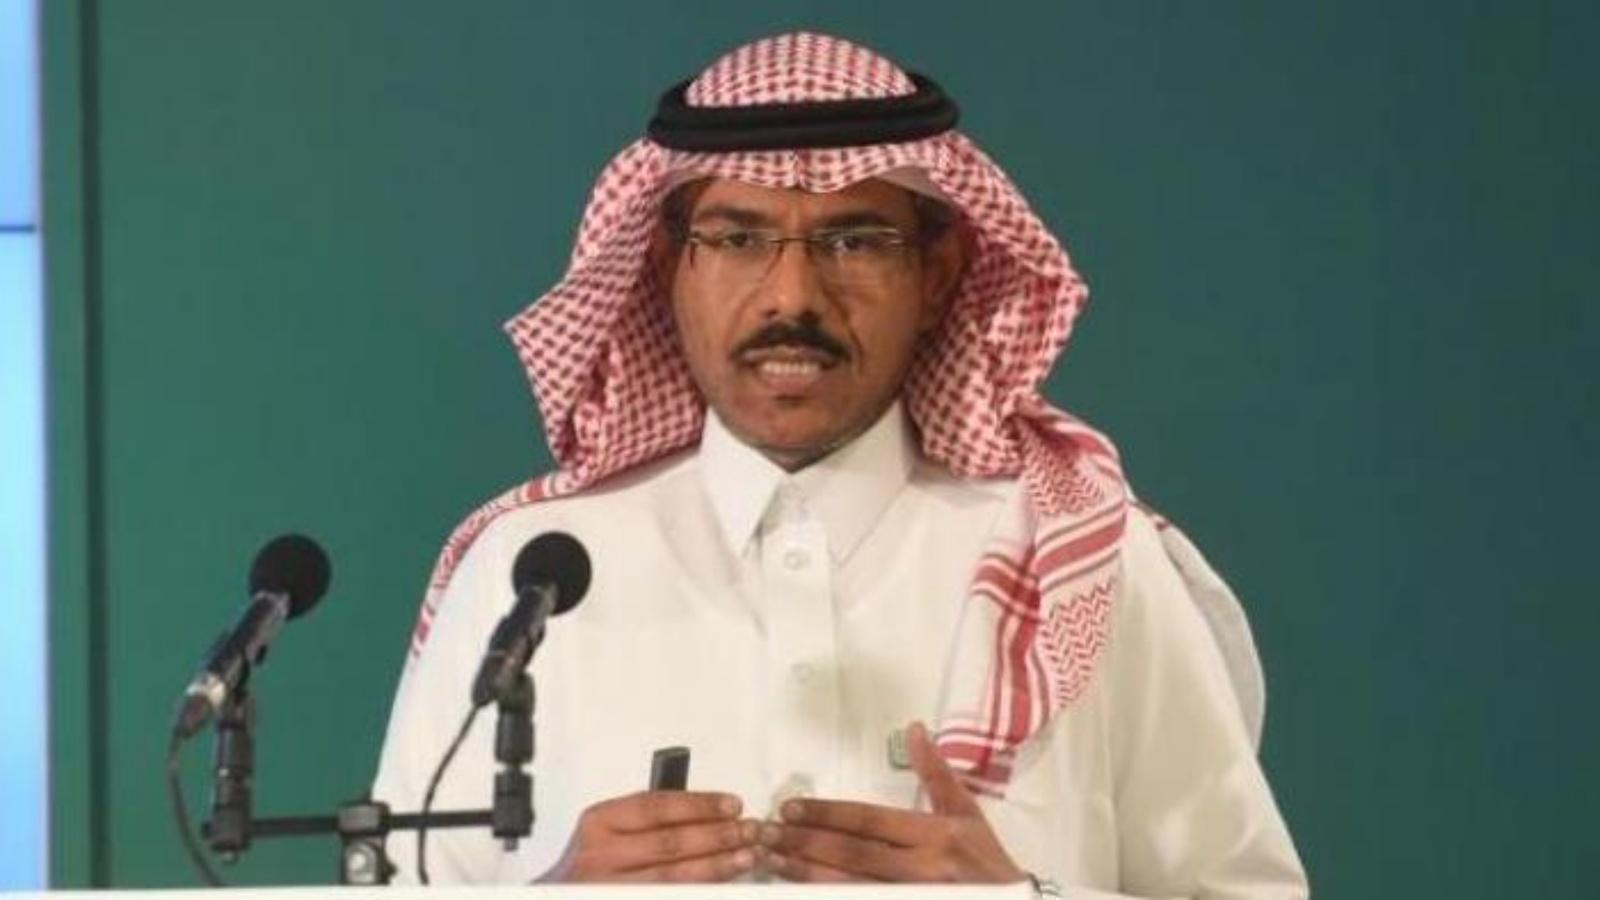 السعودية نيوز |  متحدث الصحة السعودي: لقاح كورونا آمن وفعال